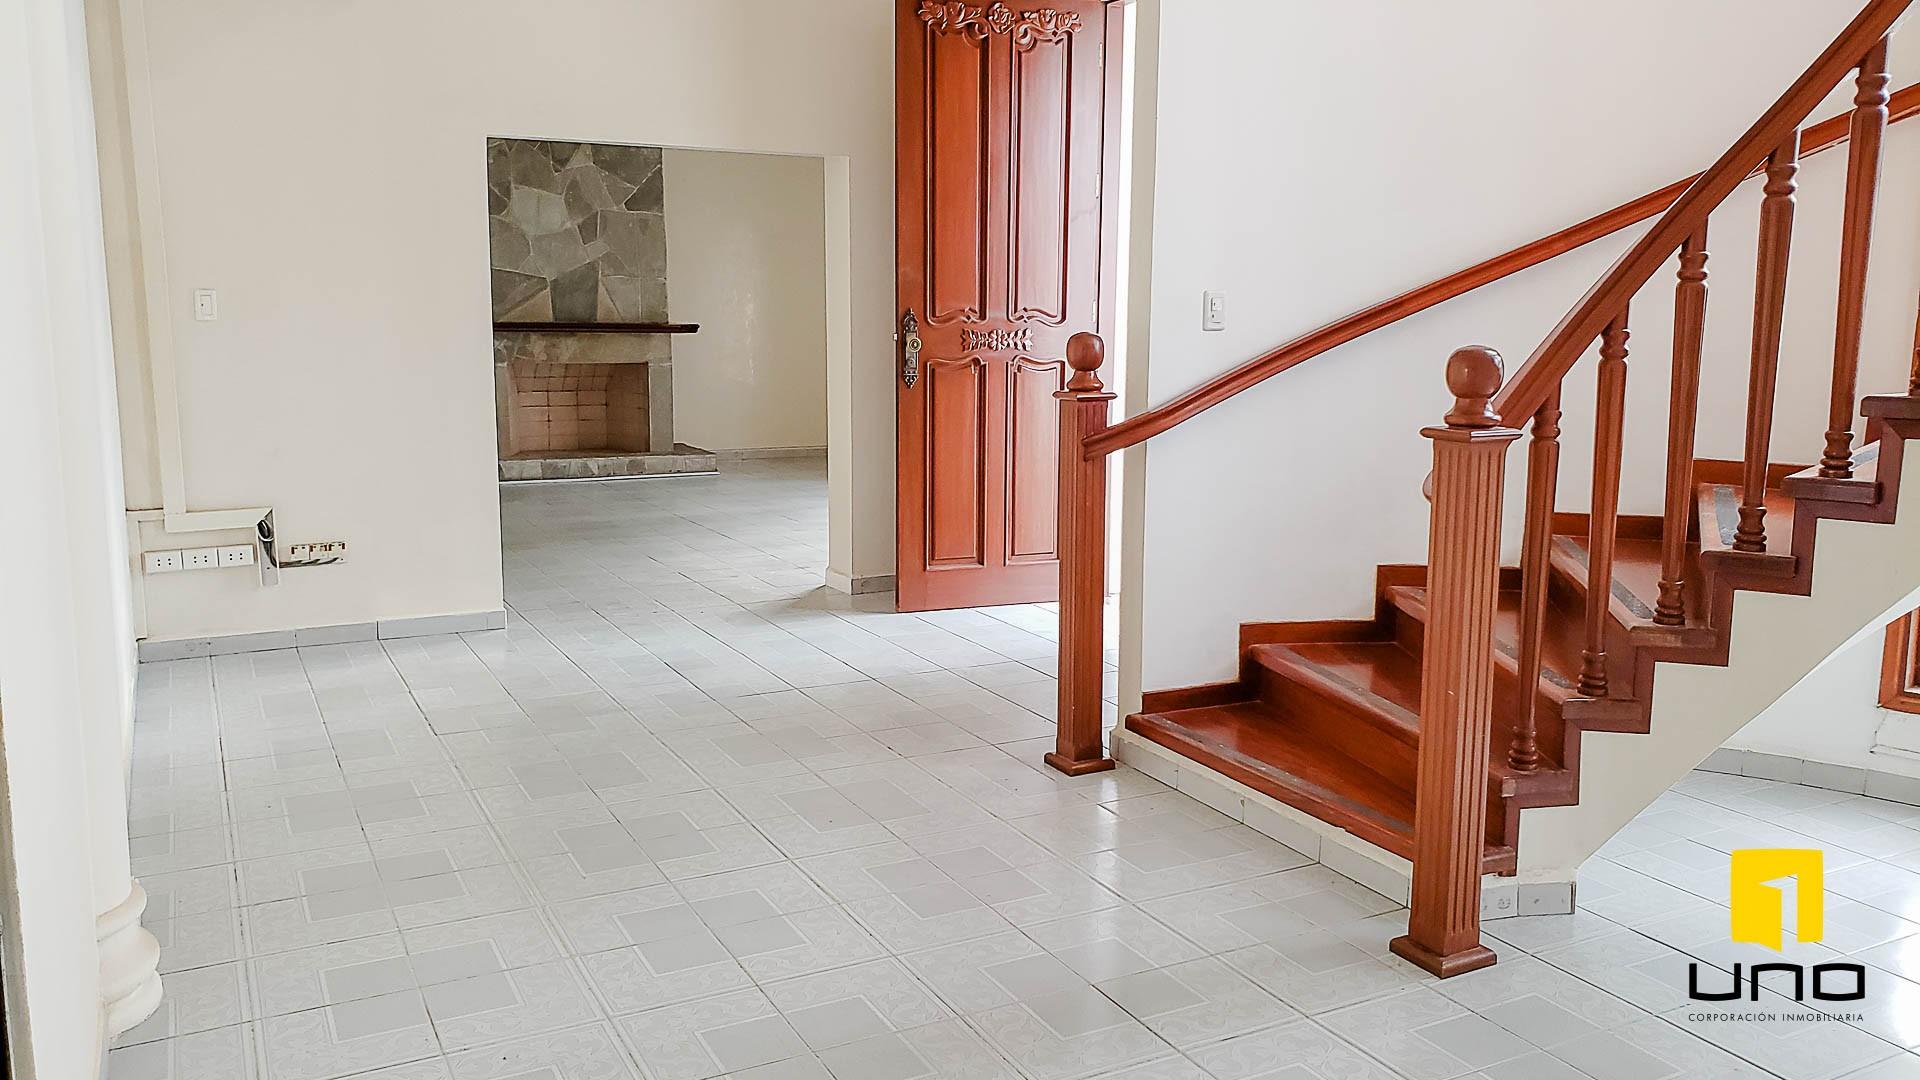 Casa en Alquiler BARRIO EQUIPETROL ALQUILO AMPLIA CASA PARA OFICINAS Foto 13